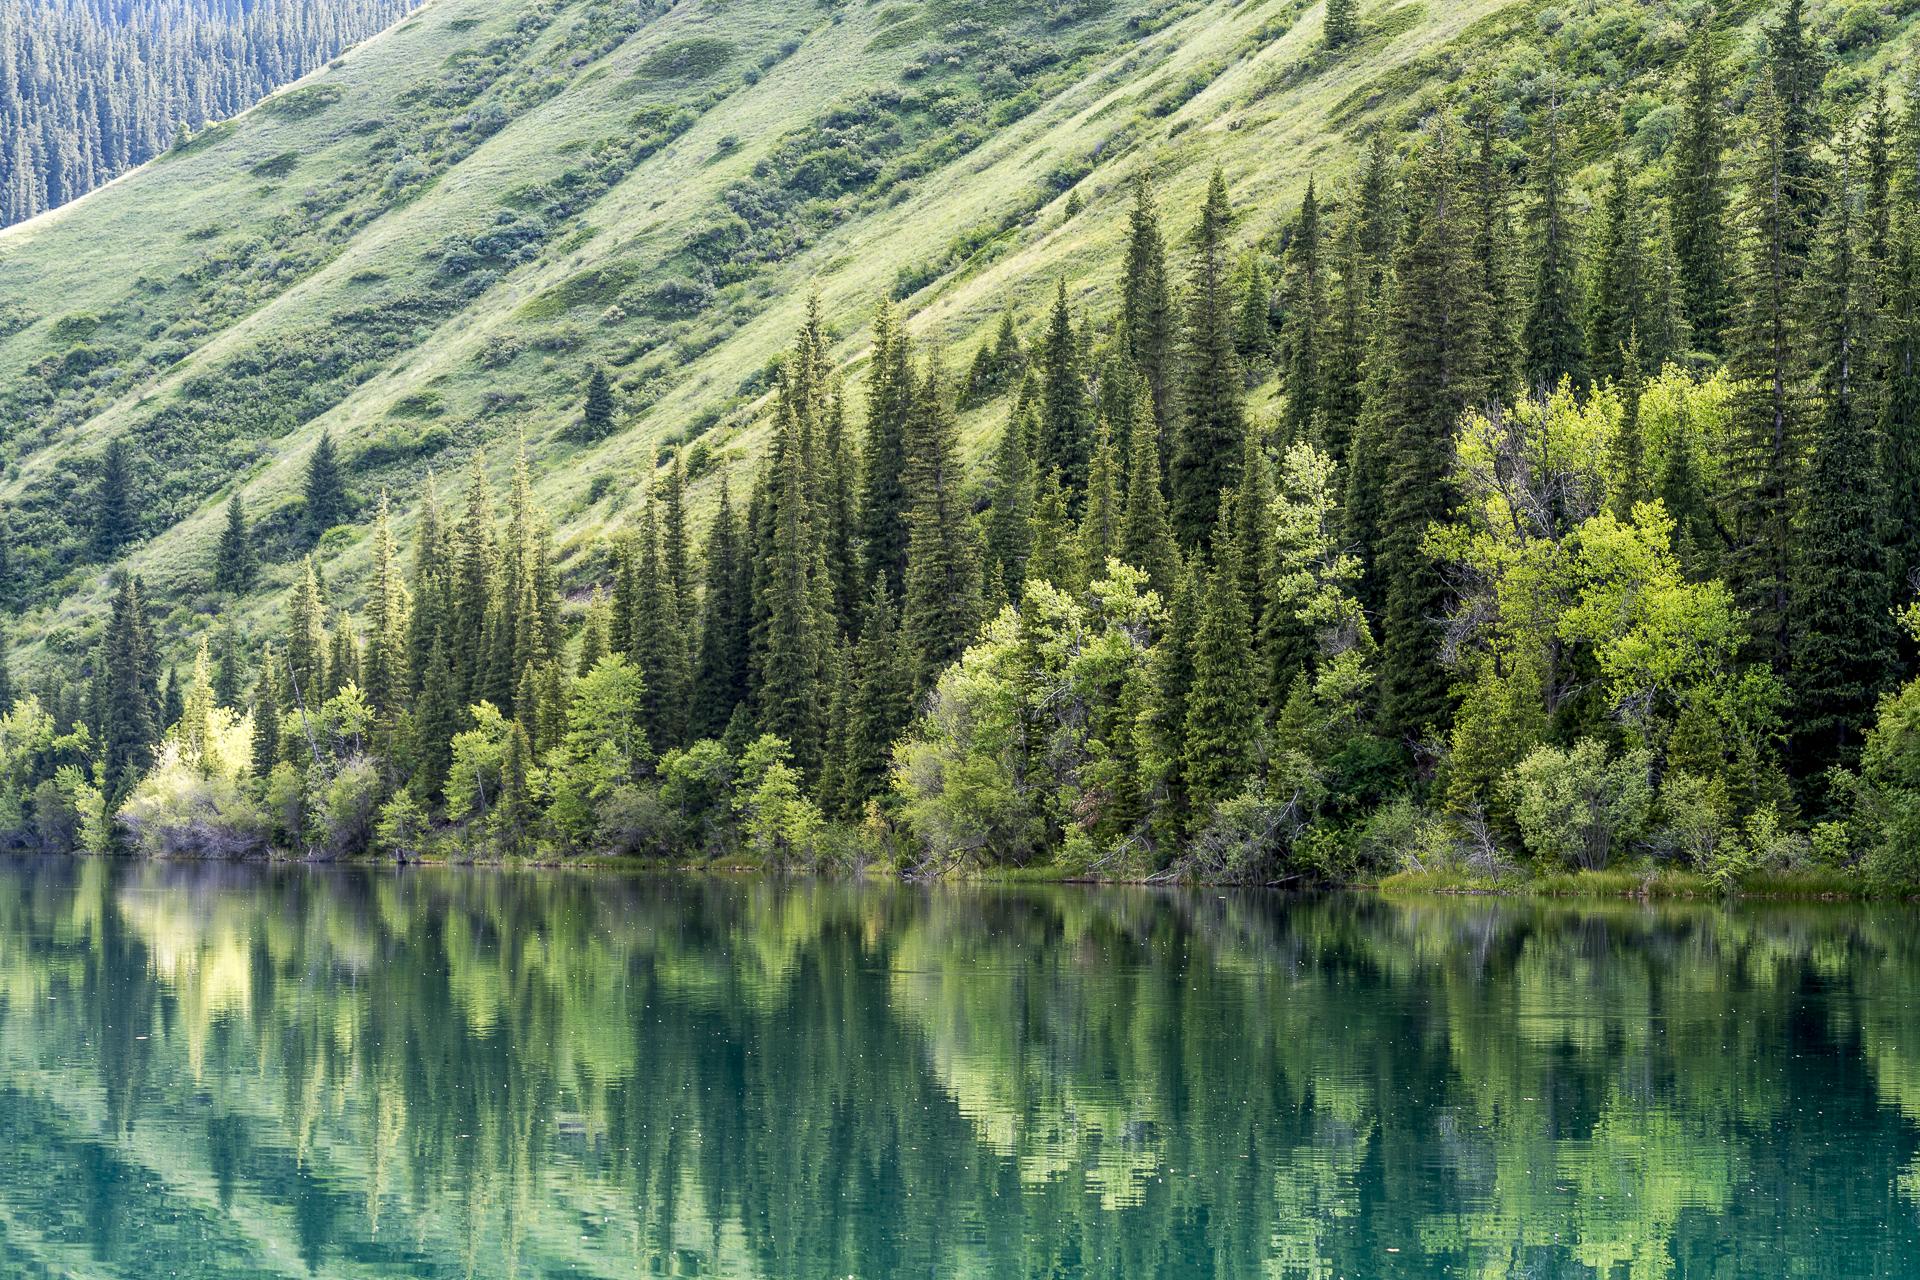 Kasachstan Lake Kolsai